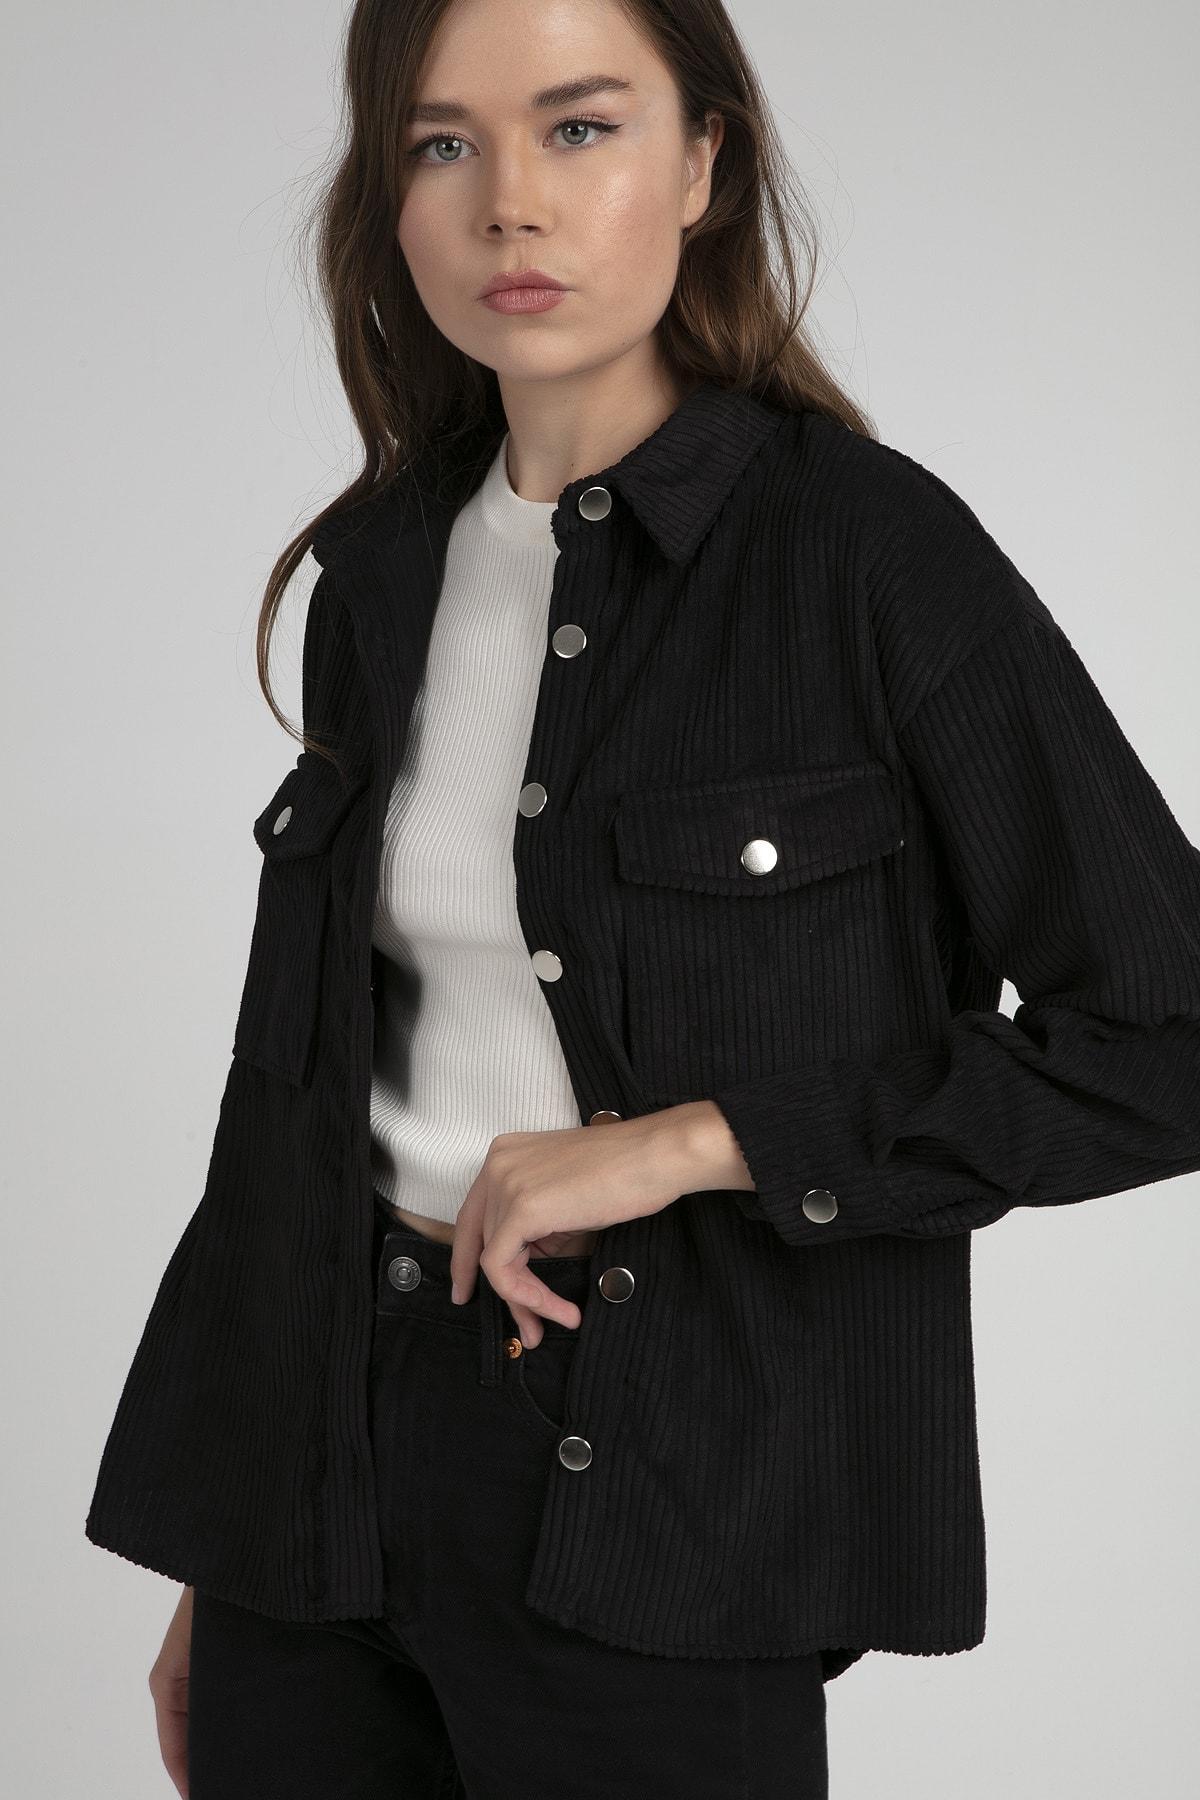 Kadın Fitilli Kadife Gömlek P20w110-5683